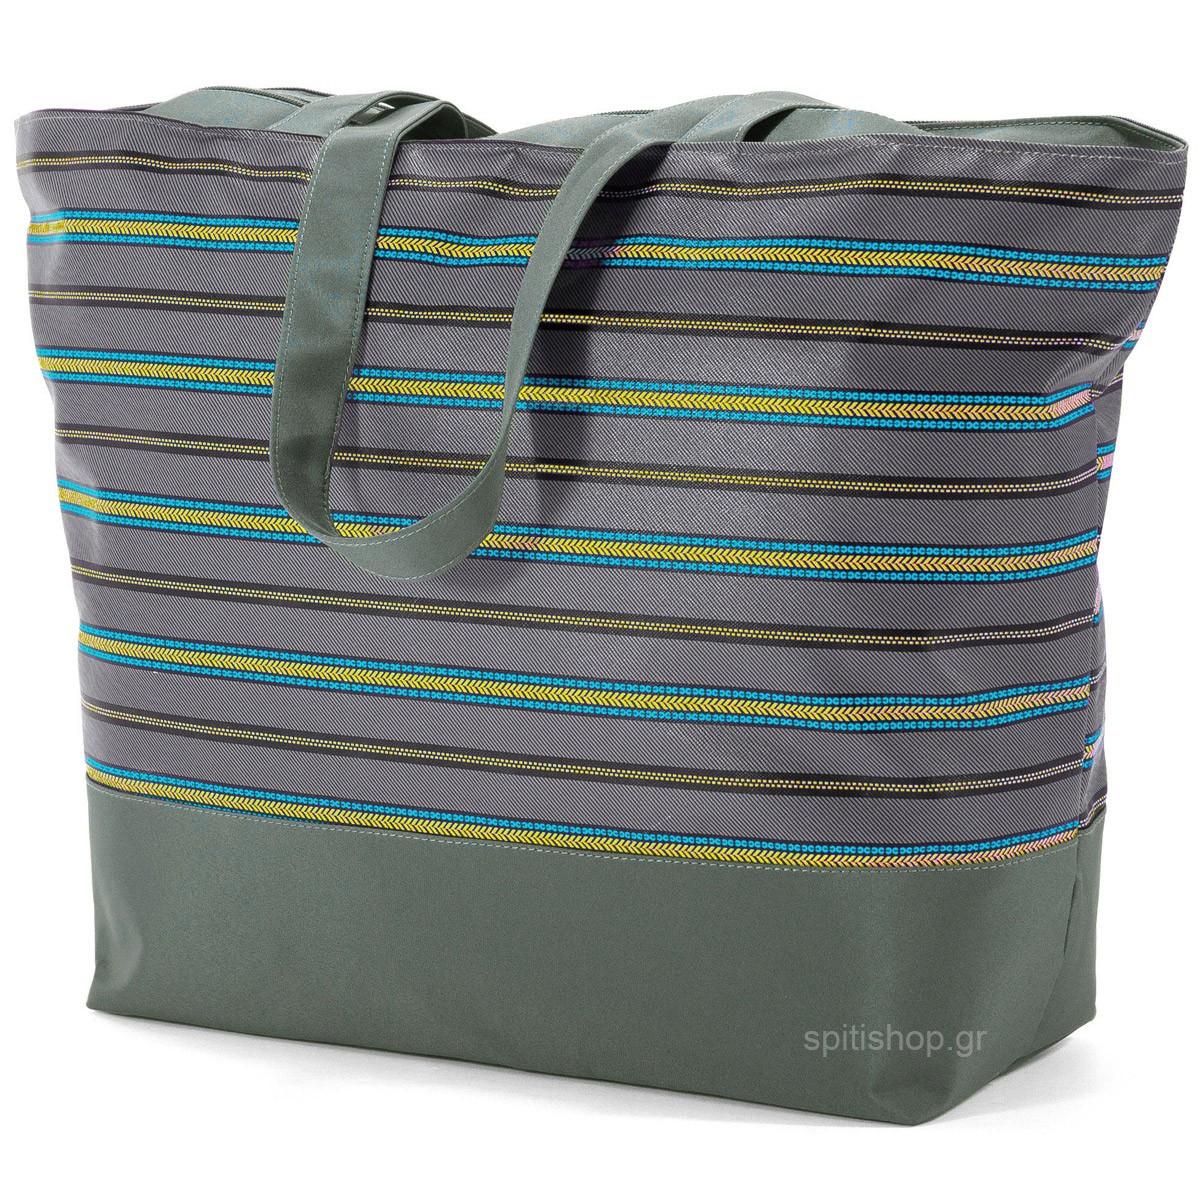 Τσάντα Παραλίας Benzi 5003 Col6 home   θαλάσσης   τσάντες θαλάσσης